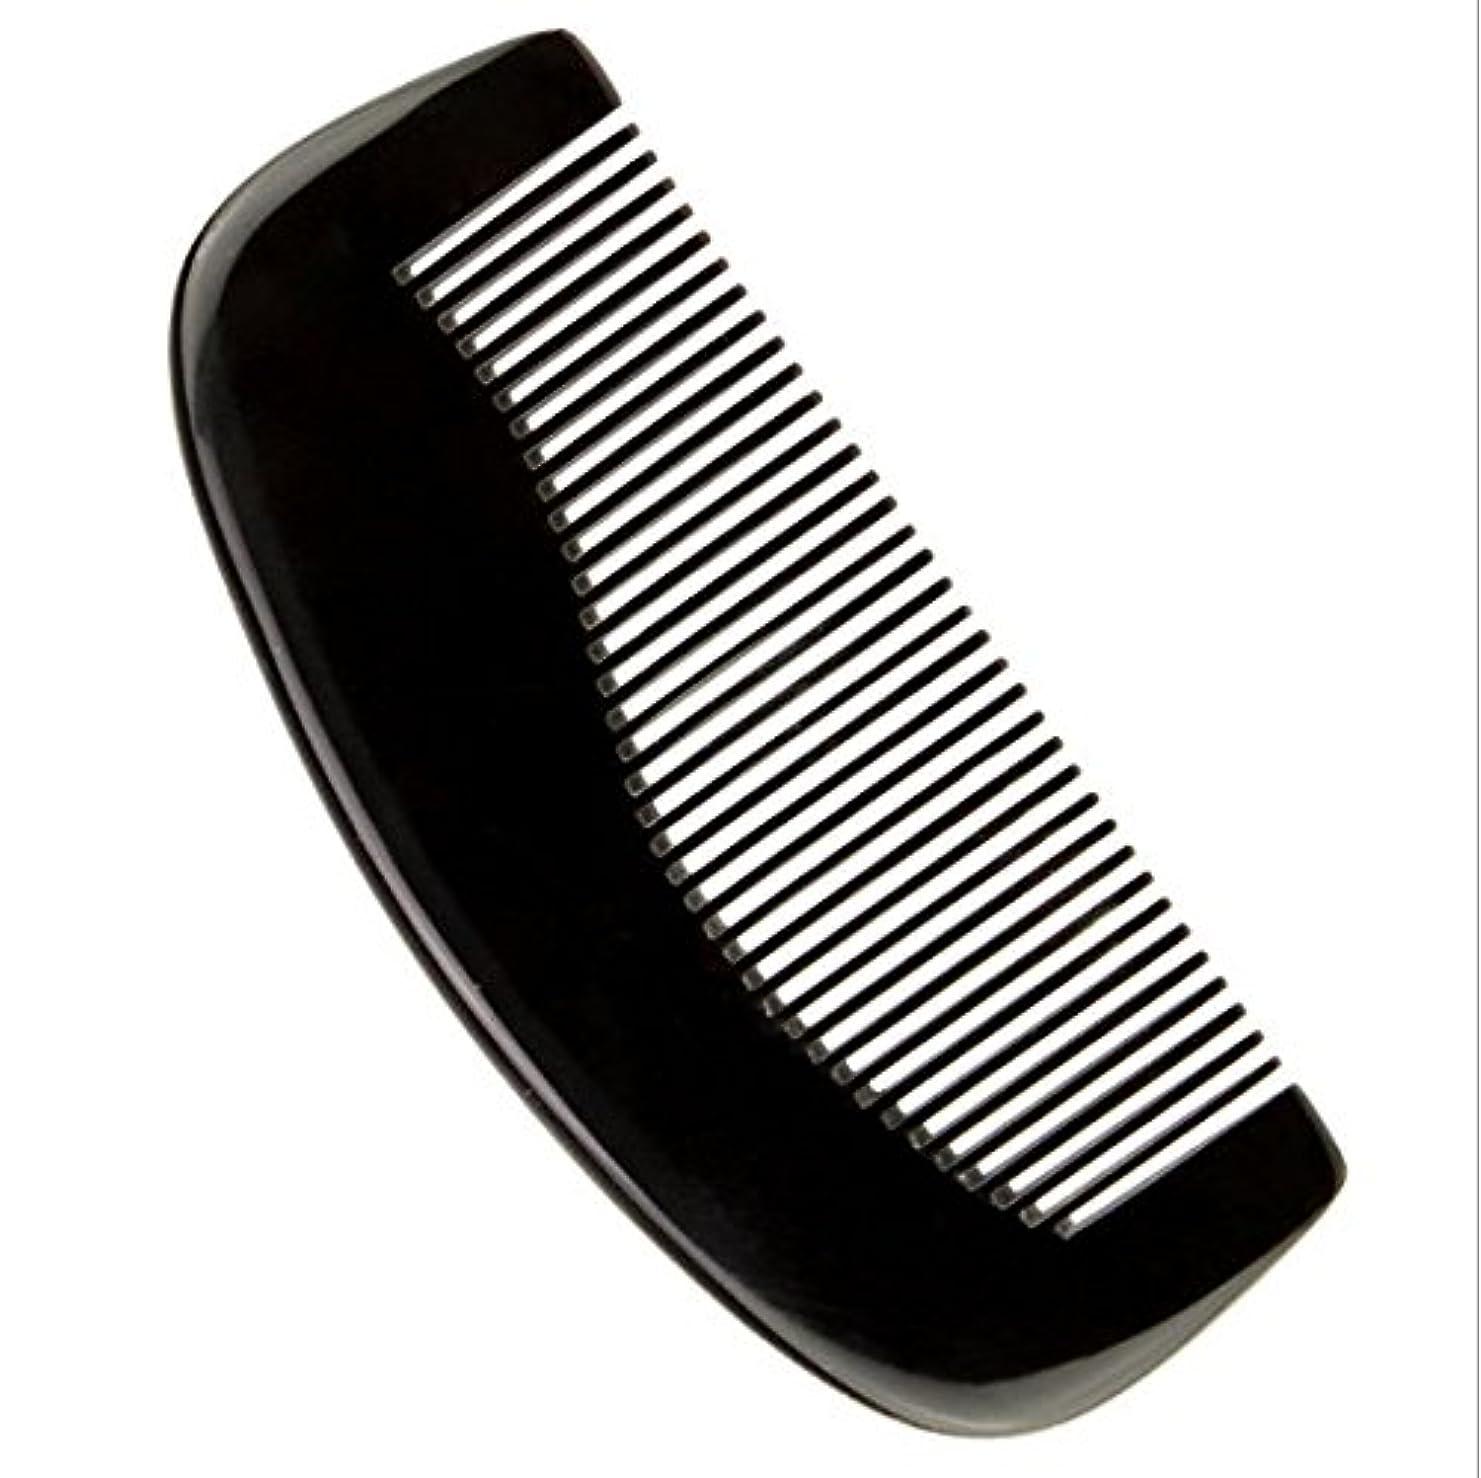 に付ける深める居眠りする櫛型 プロも使う牛角かっさプレート 牛櫛 高級 天然 静電気 防止 美髪 粗歯 櫛型 美顔 ボディ リンパマッサージ